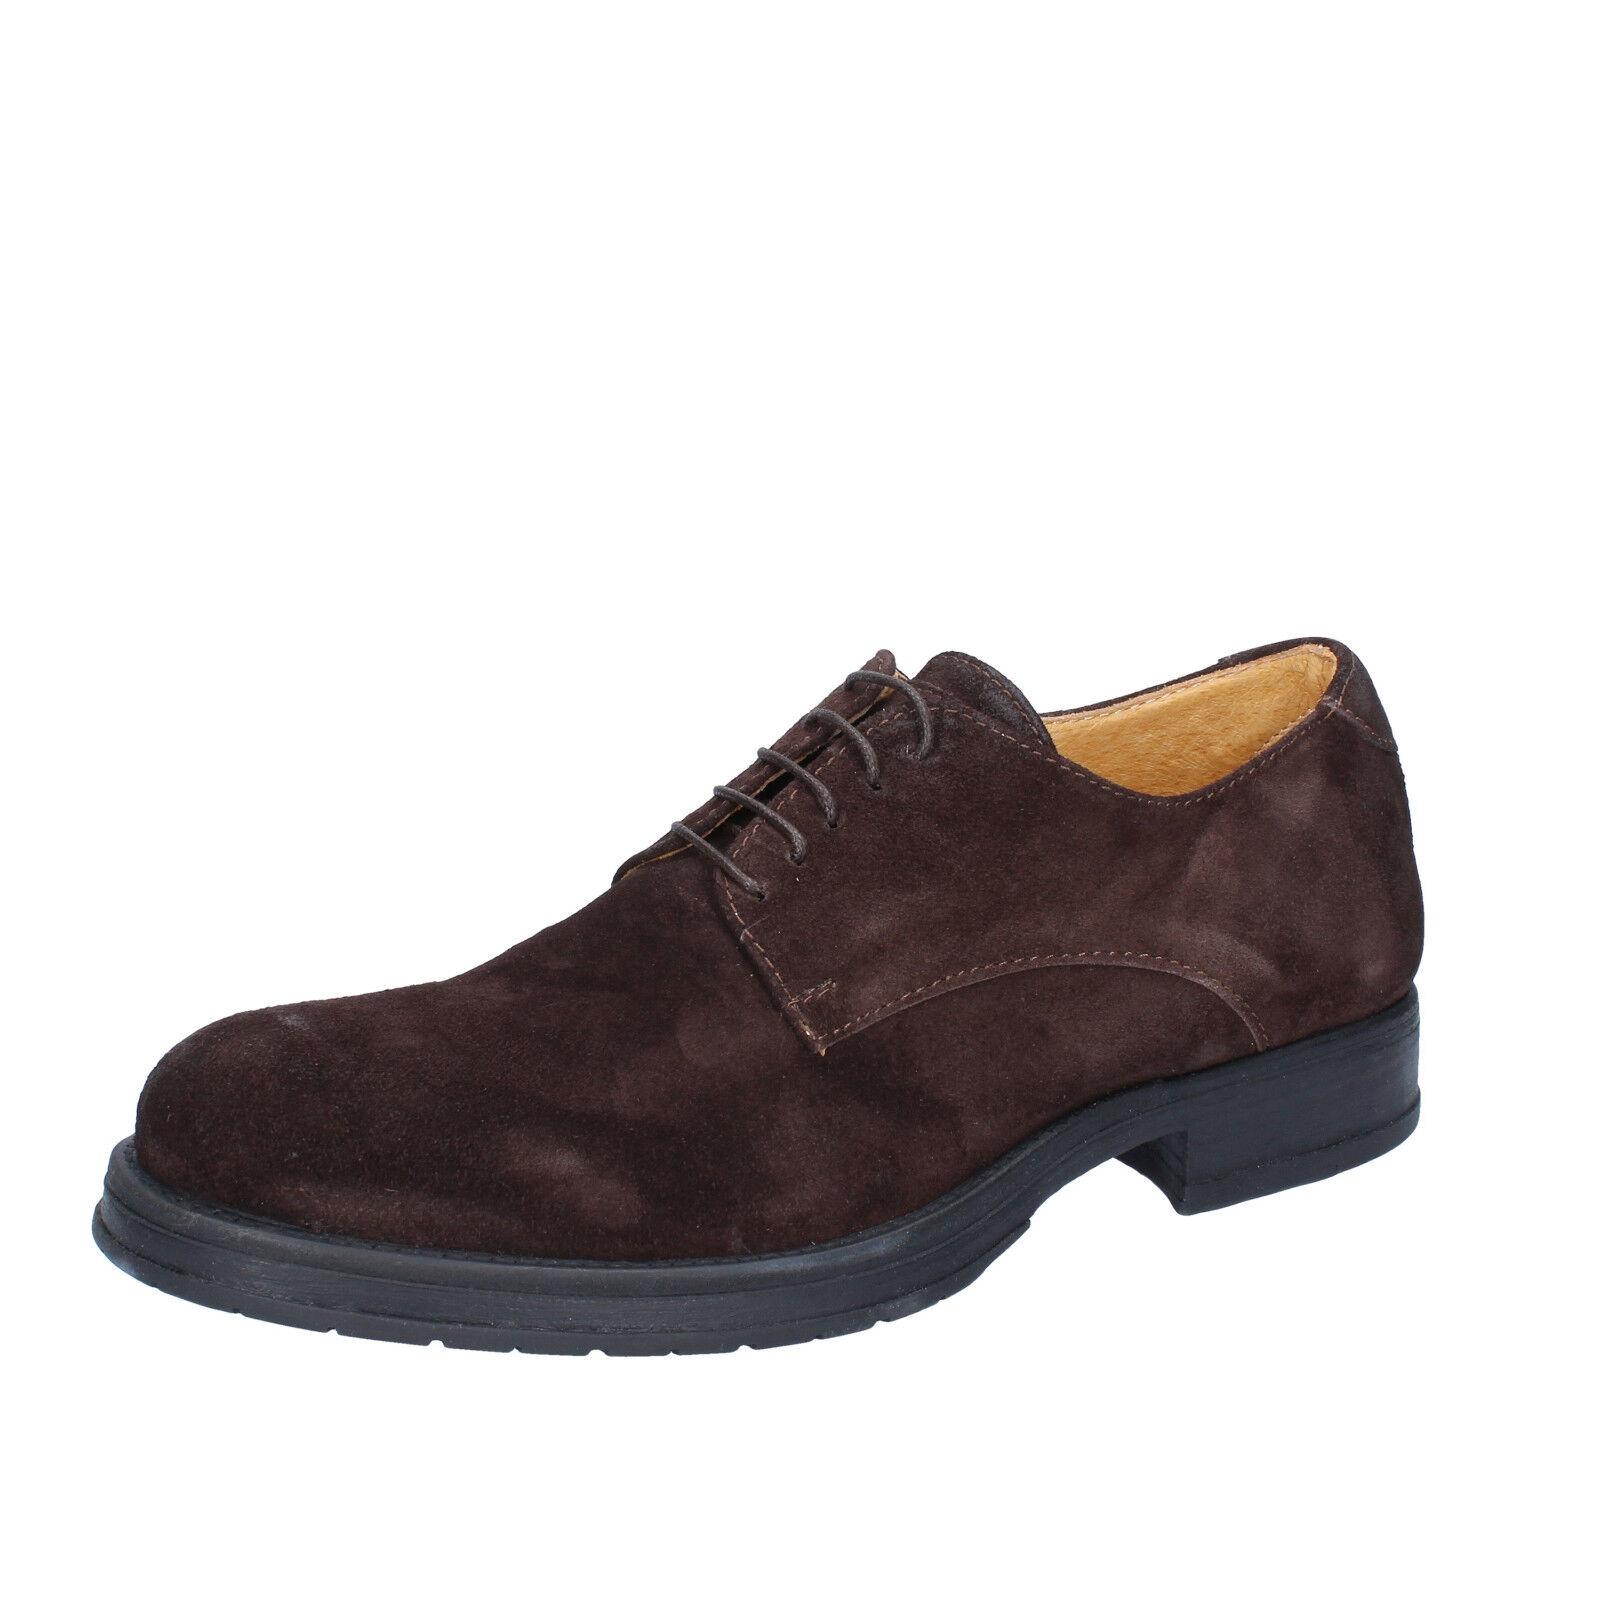 Men's shoes SALVO BARONE 11 (EU 44) elegant brown suede BZ164-44